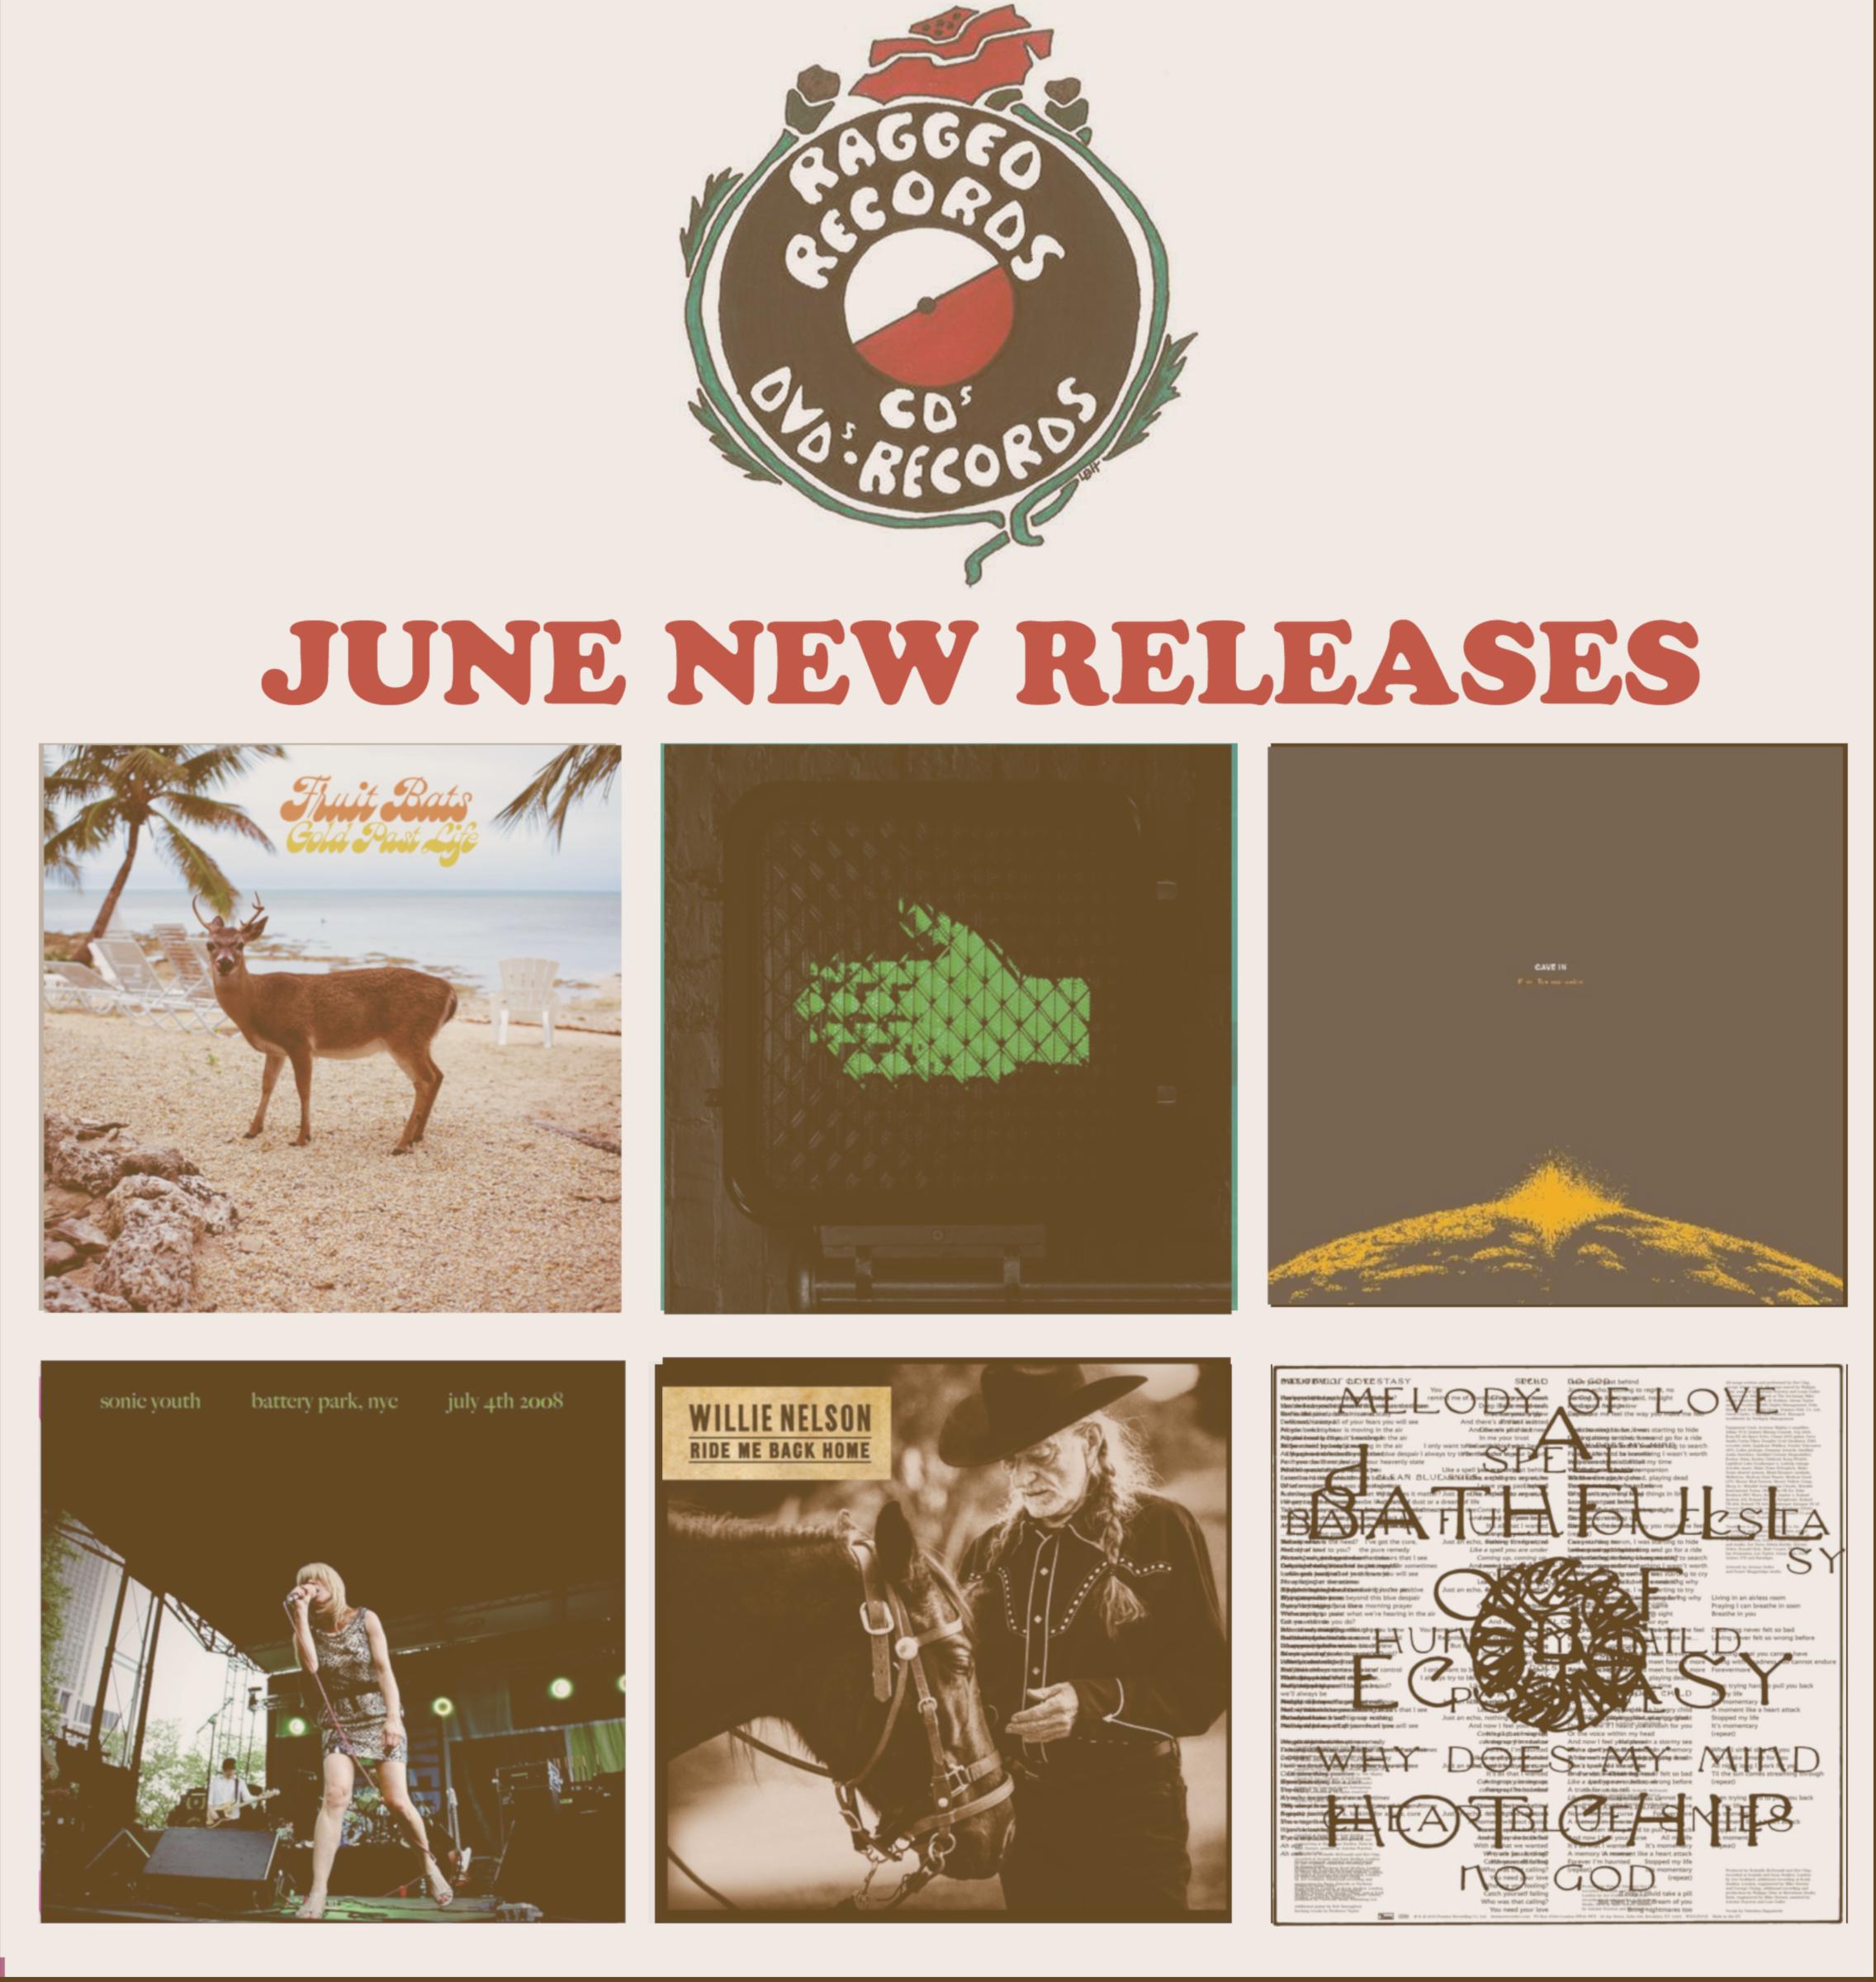 June New Releases 2019.jpg